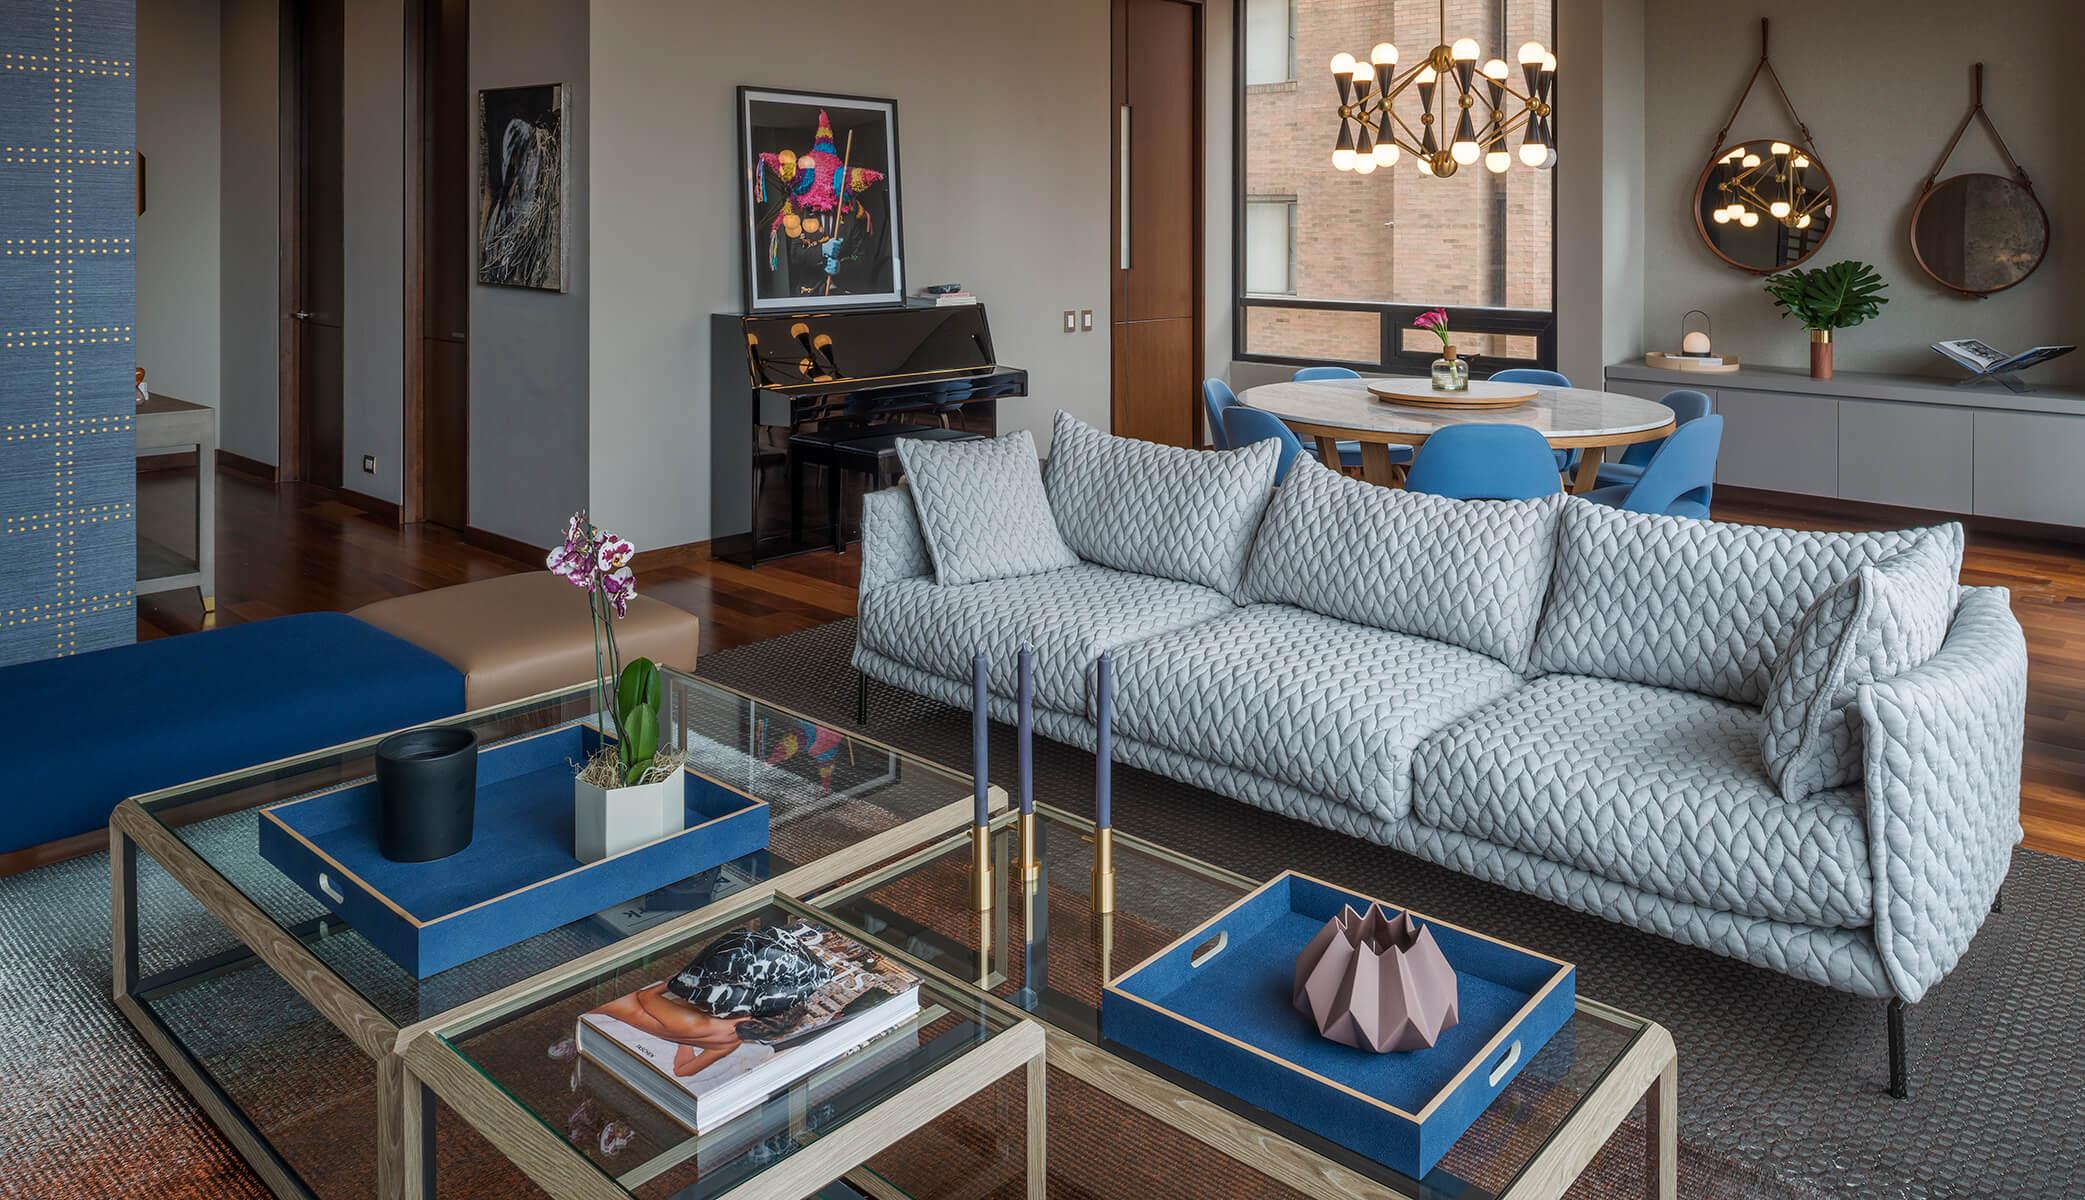 <a href='https://revistaaxxis.com.co/un-clasico-atrevido-interiorismo-de-tonos-y-texturas-neutros/'><h2>Un clásico atrevido</h2>Para sacarlo de su aspecto neutral, las diseñadoras encargadas de la remodelación de este apartamento utilizaron diversas texturas, colores y materiales al natural. Ahora es un hogar donde predomina la calidez. </a>